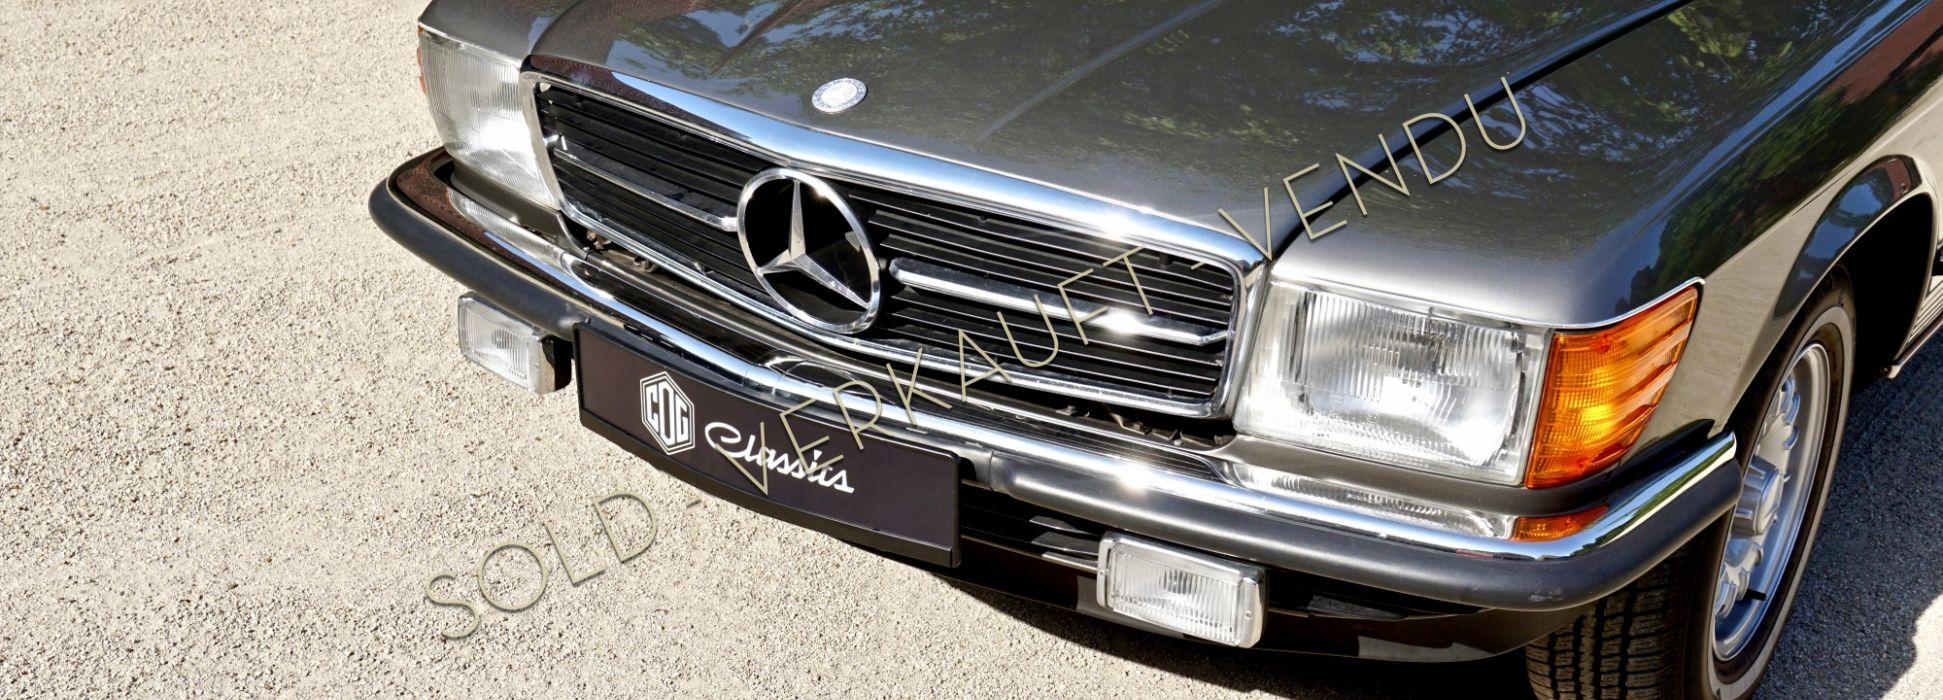 Mercedes-Benz SL 380 R107 3